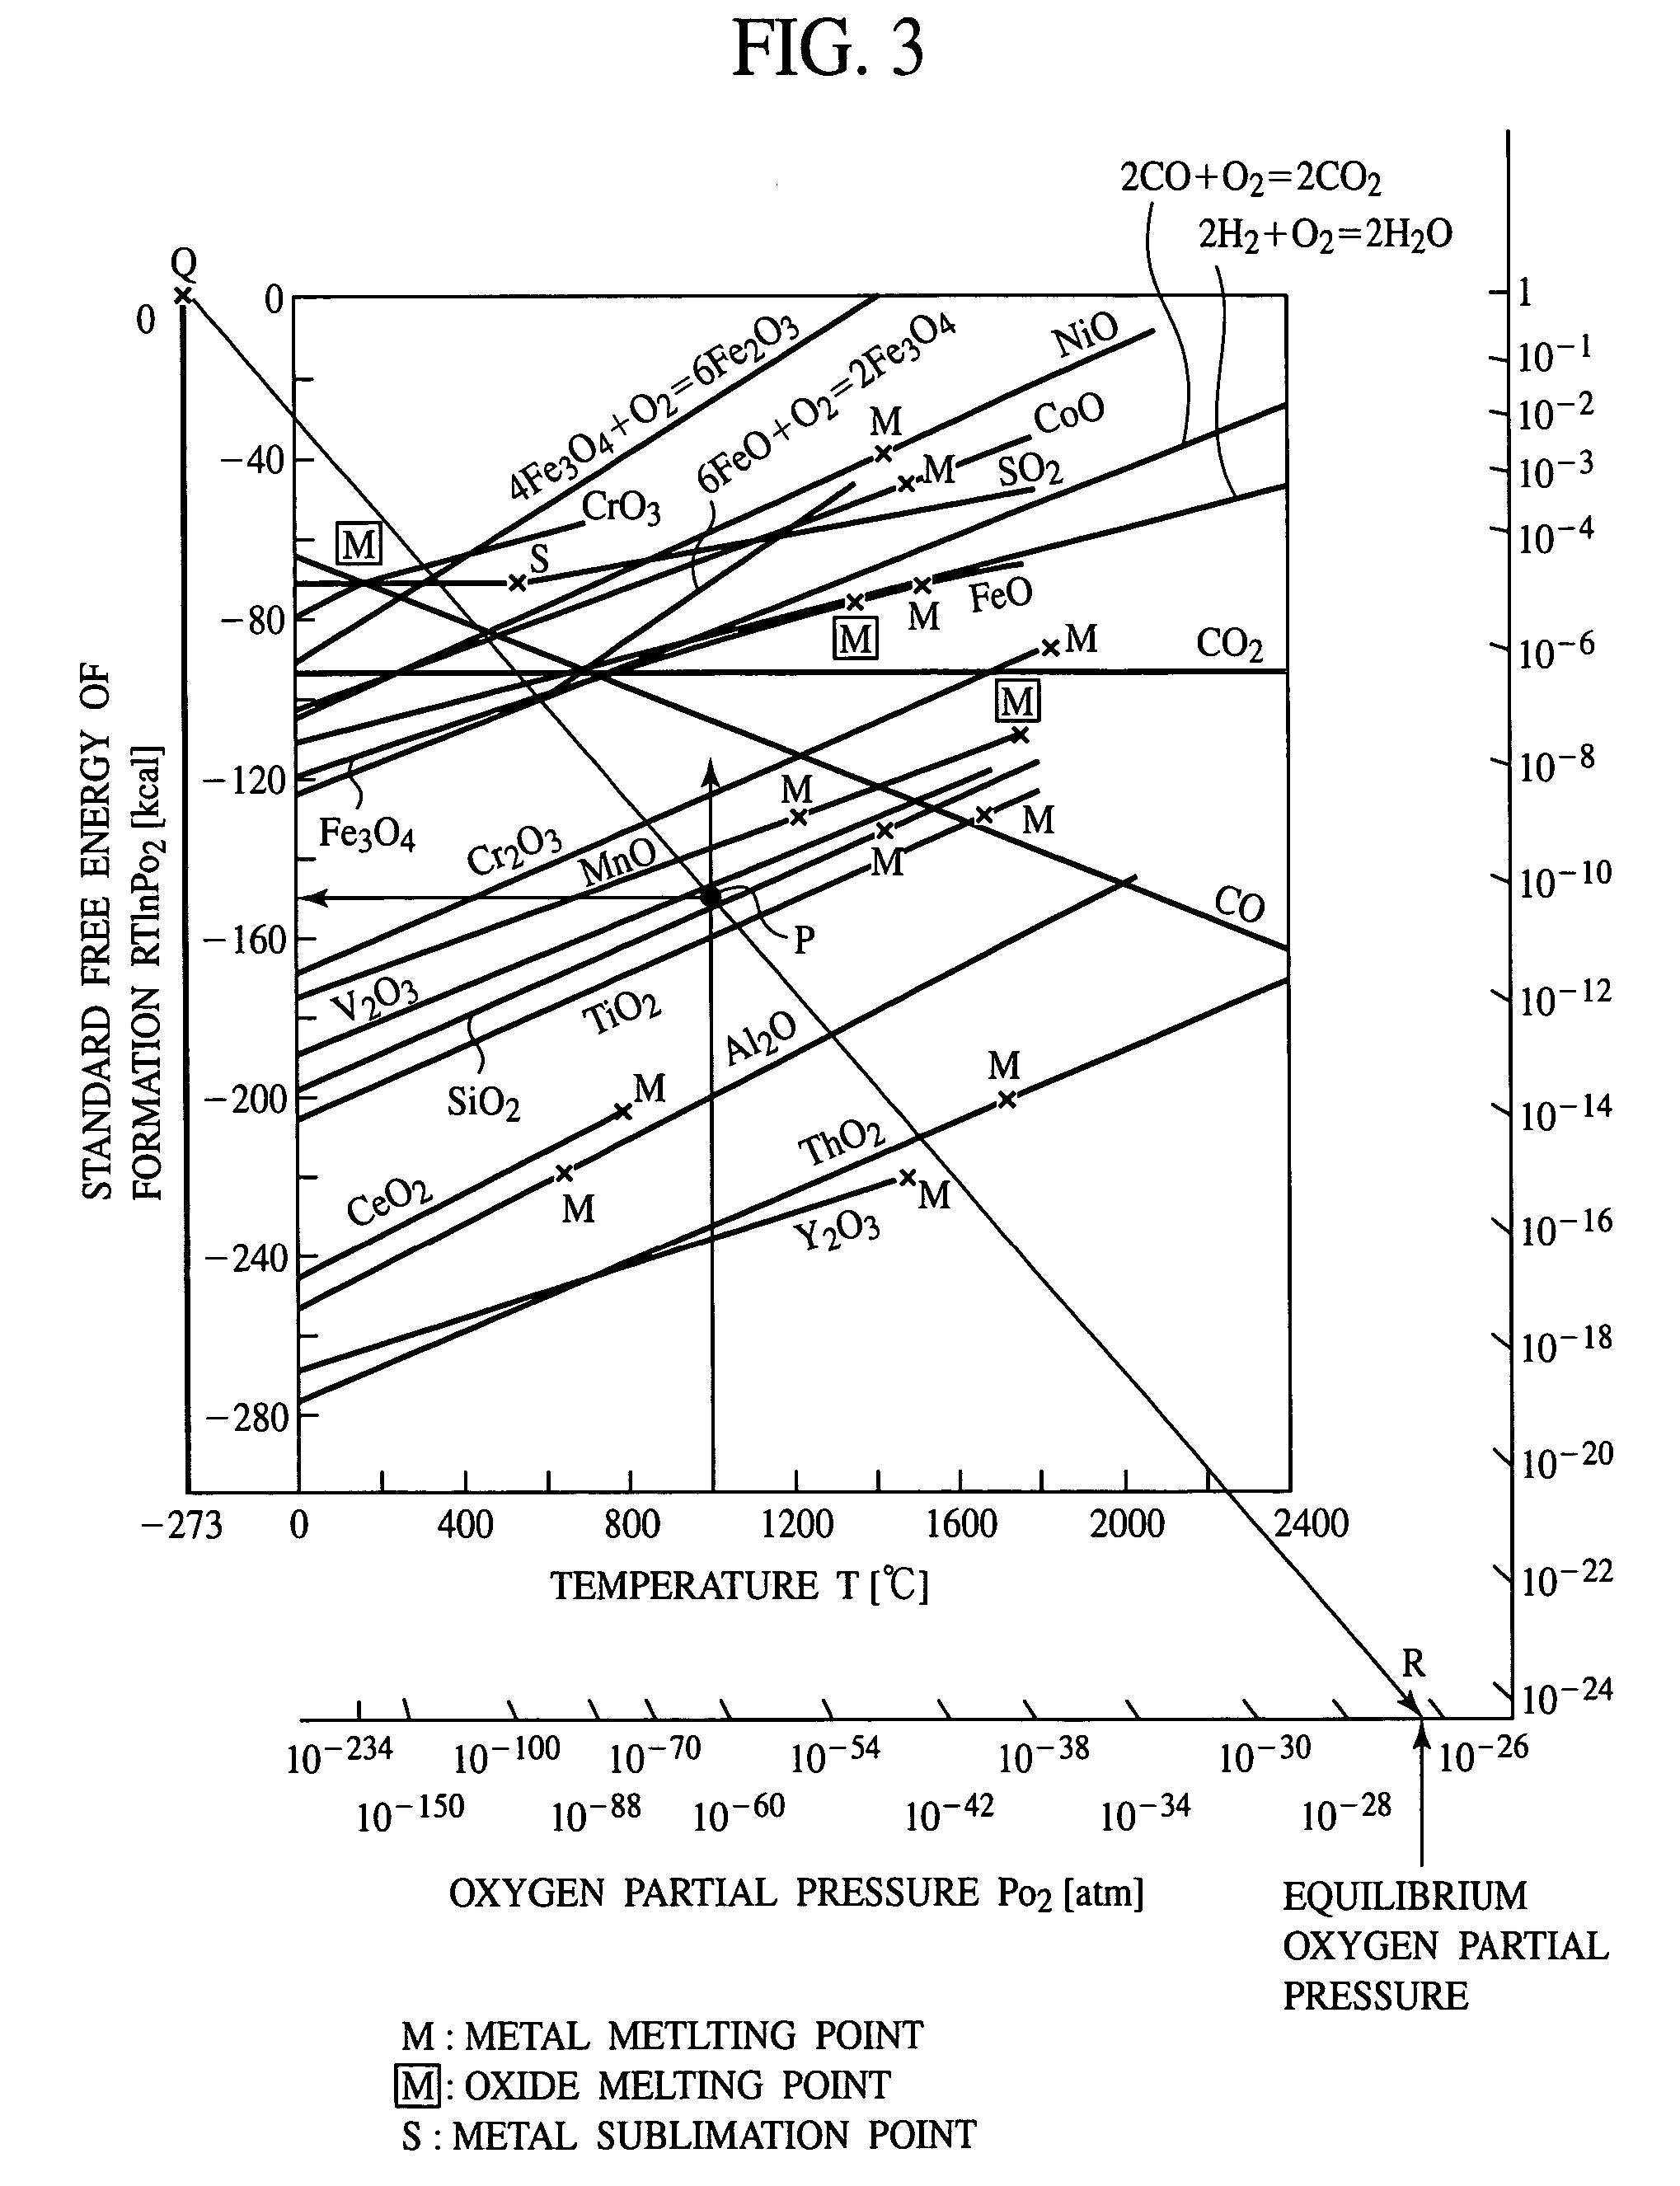 Diagram boron ellignham schematic wiring diagram images for ellingham diagrams 5cheapdiscountcode6 gq rh 5cheapdiscountcode6 gq ccuart Choice Image